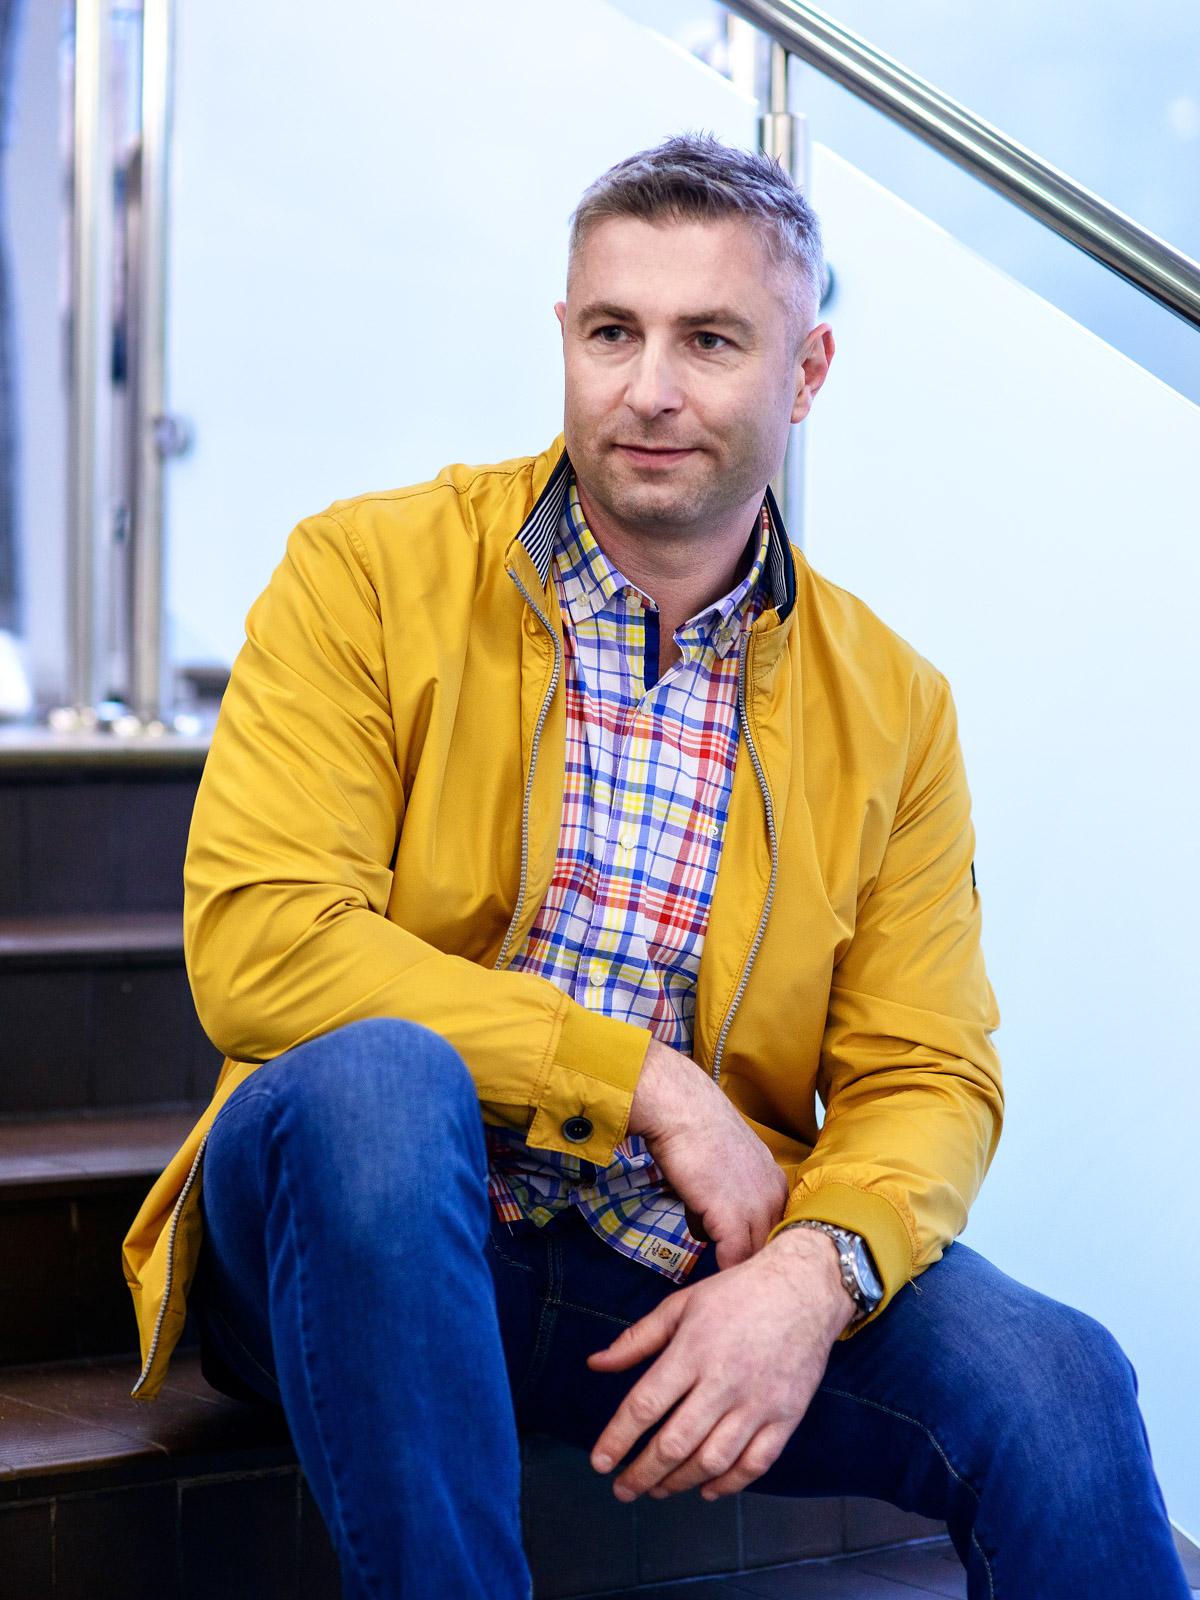 kurtka Jupiter 599 zł koszula Pierre Cardin 199 zł spodnie Pierre Cardin 329 zł |Norbert Koselski